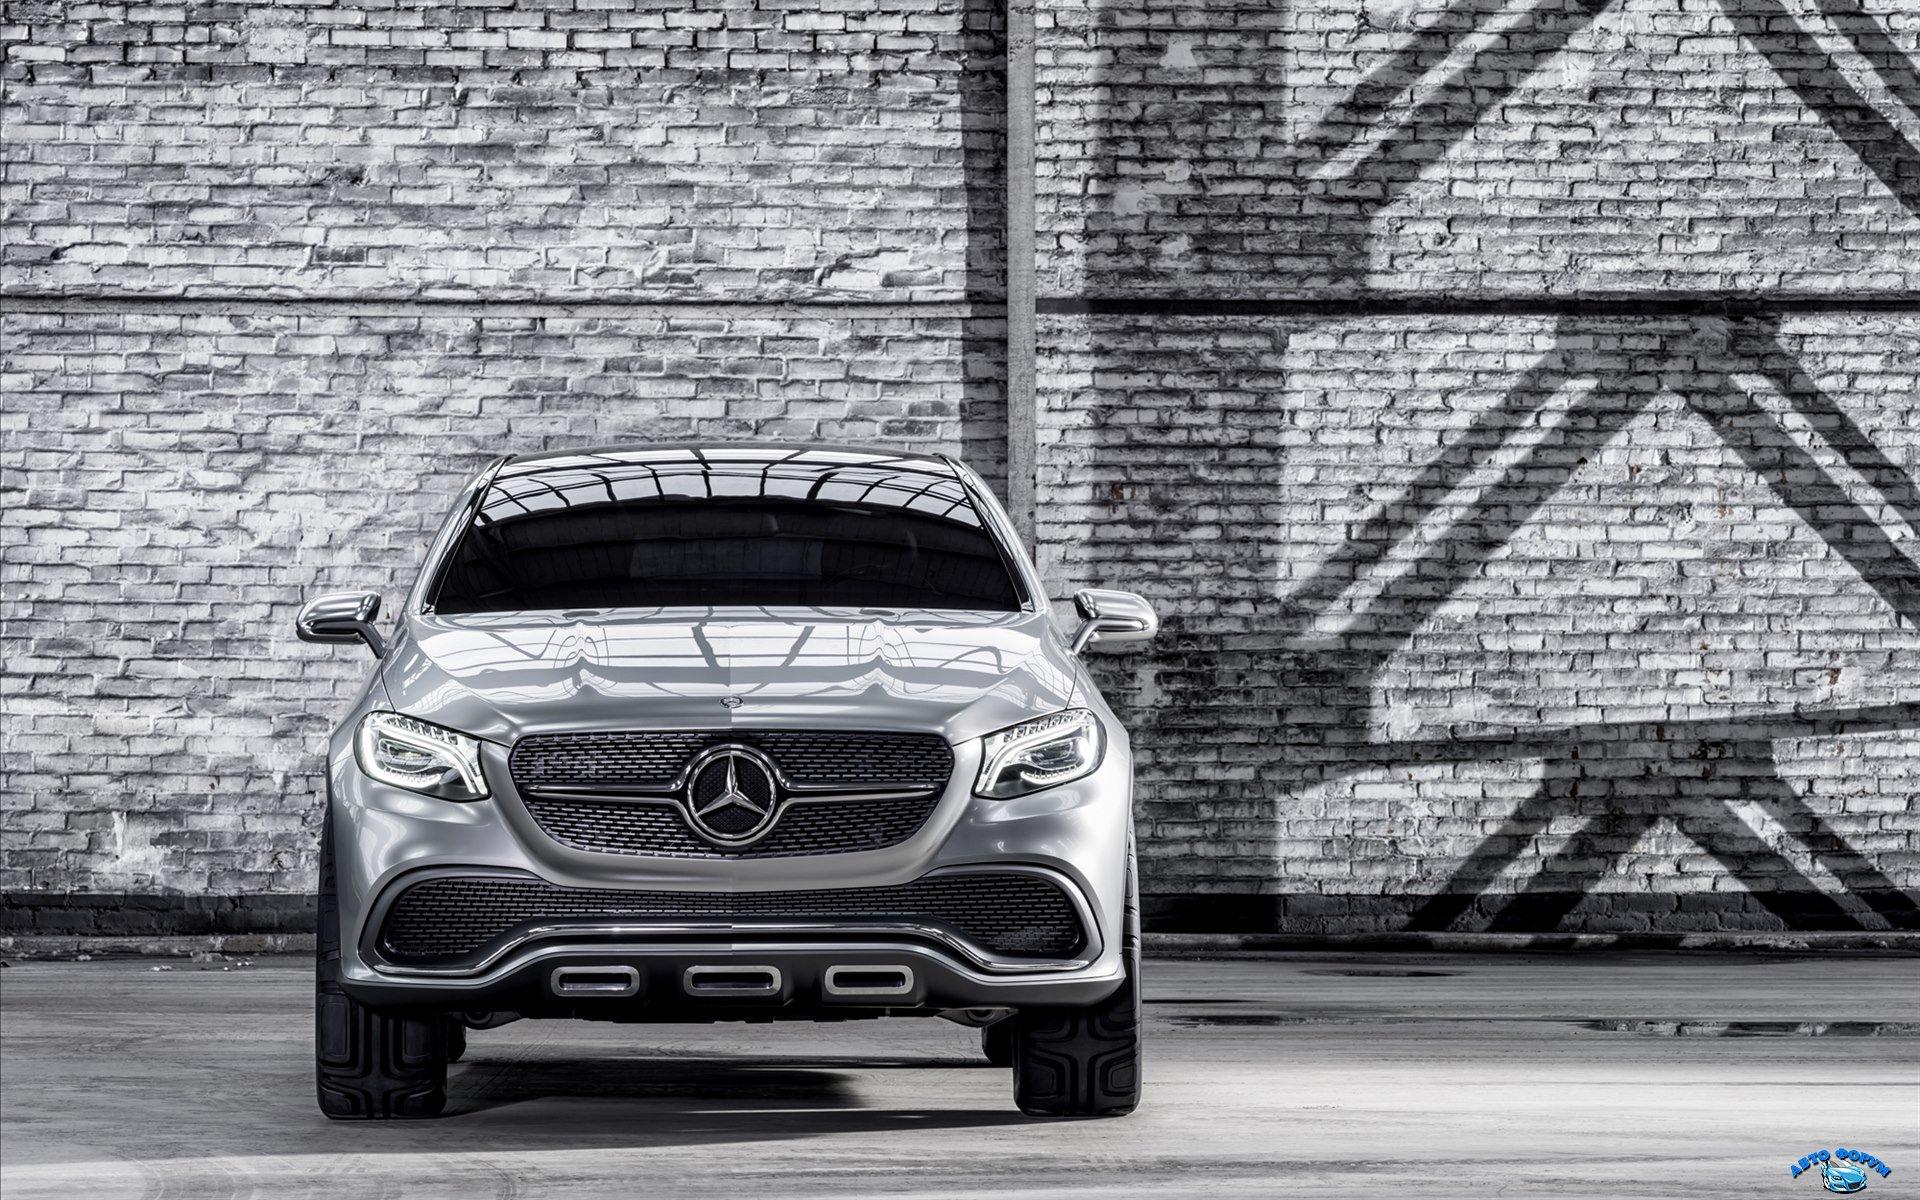 Mercedes-Benz-Coupe-SUV-Concept-2014-widescreen-20.jpg